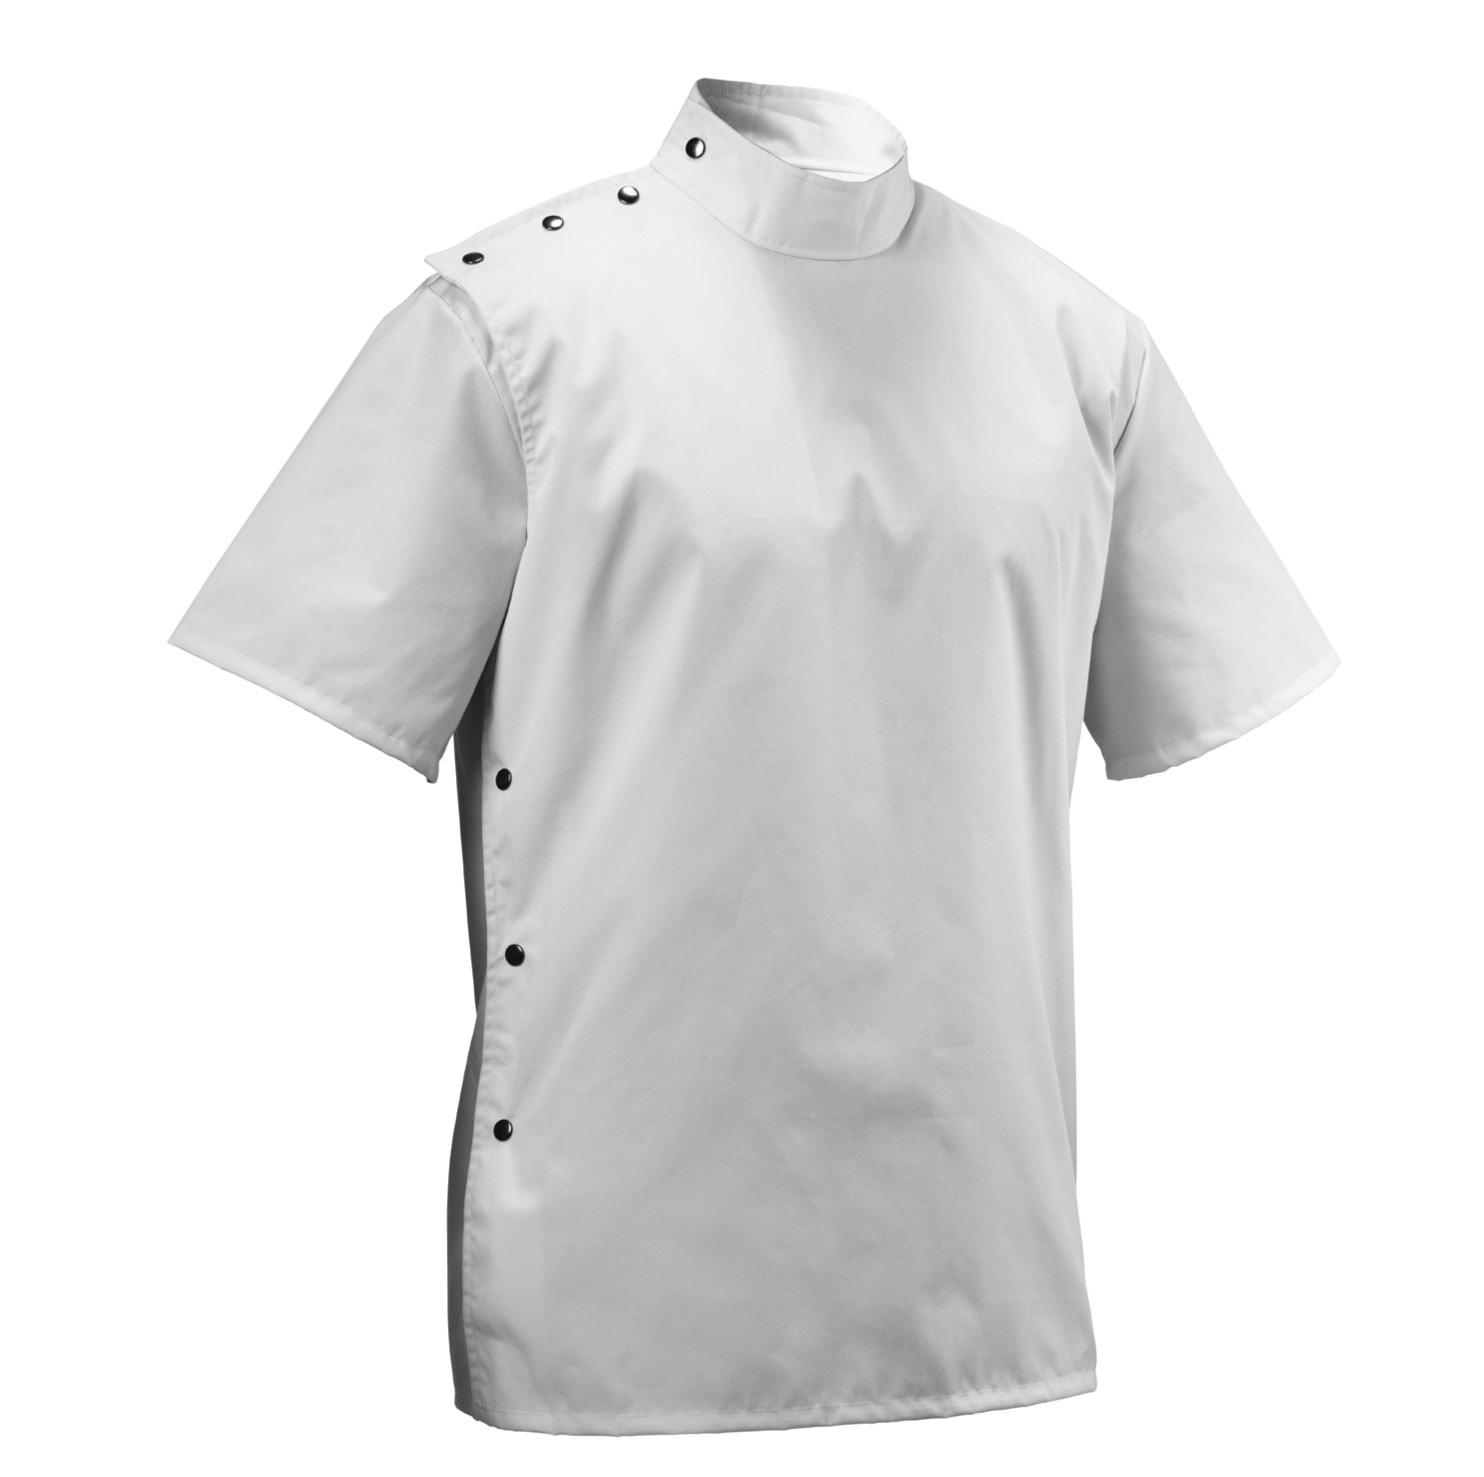 Barber Jacket - bílá tradiční košile pro holiče z odolného materiálu